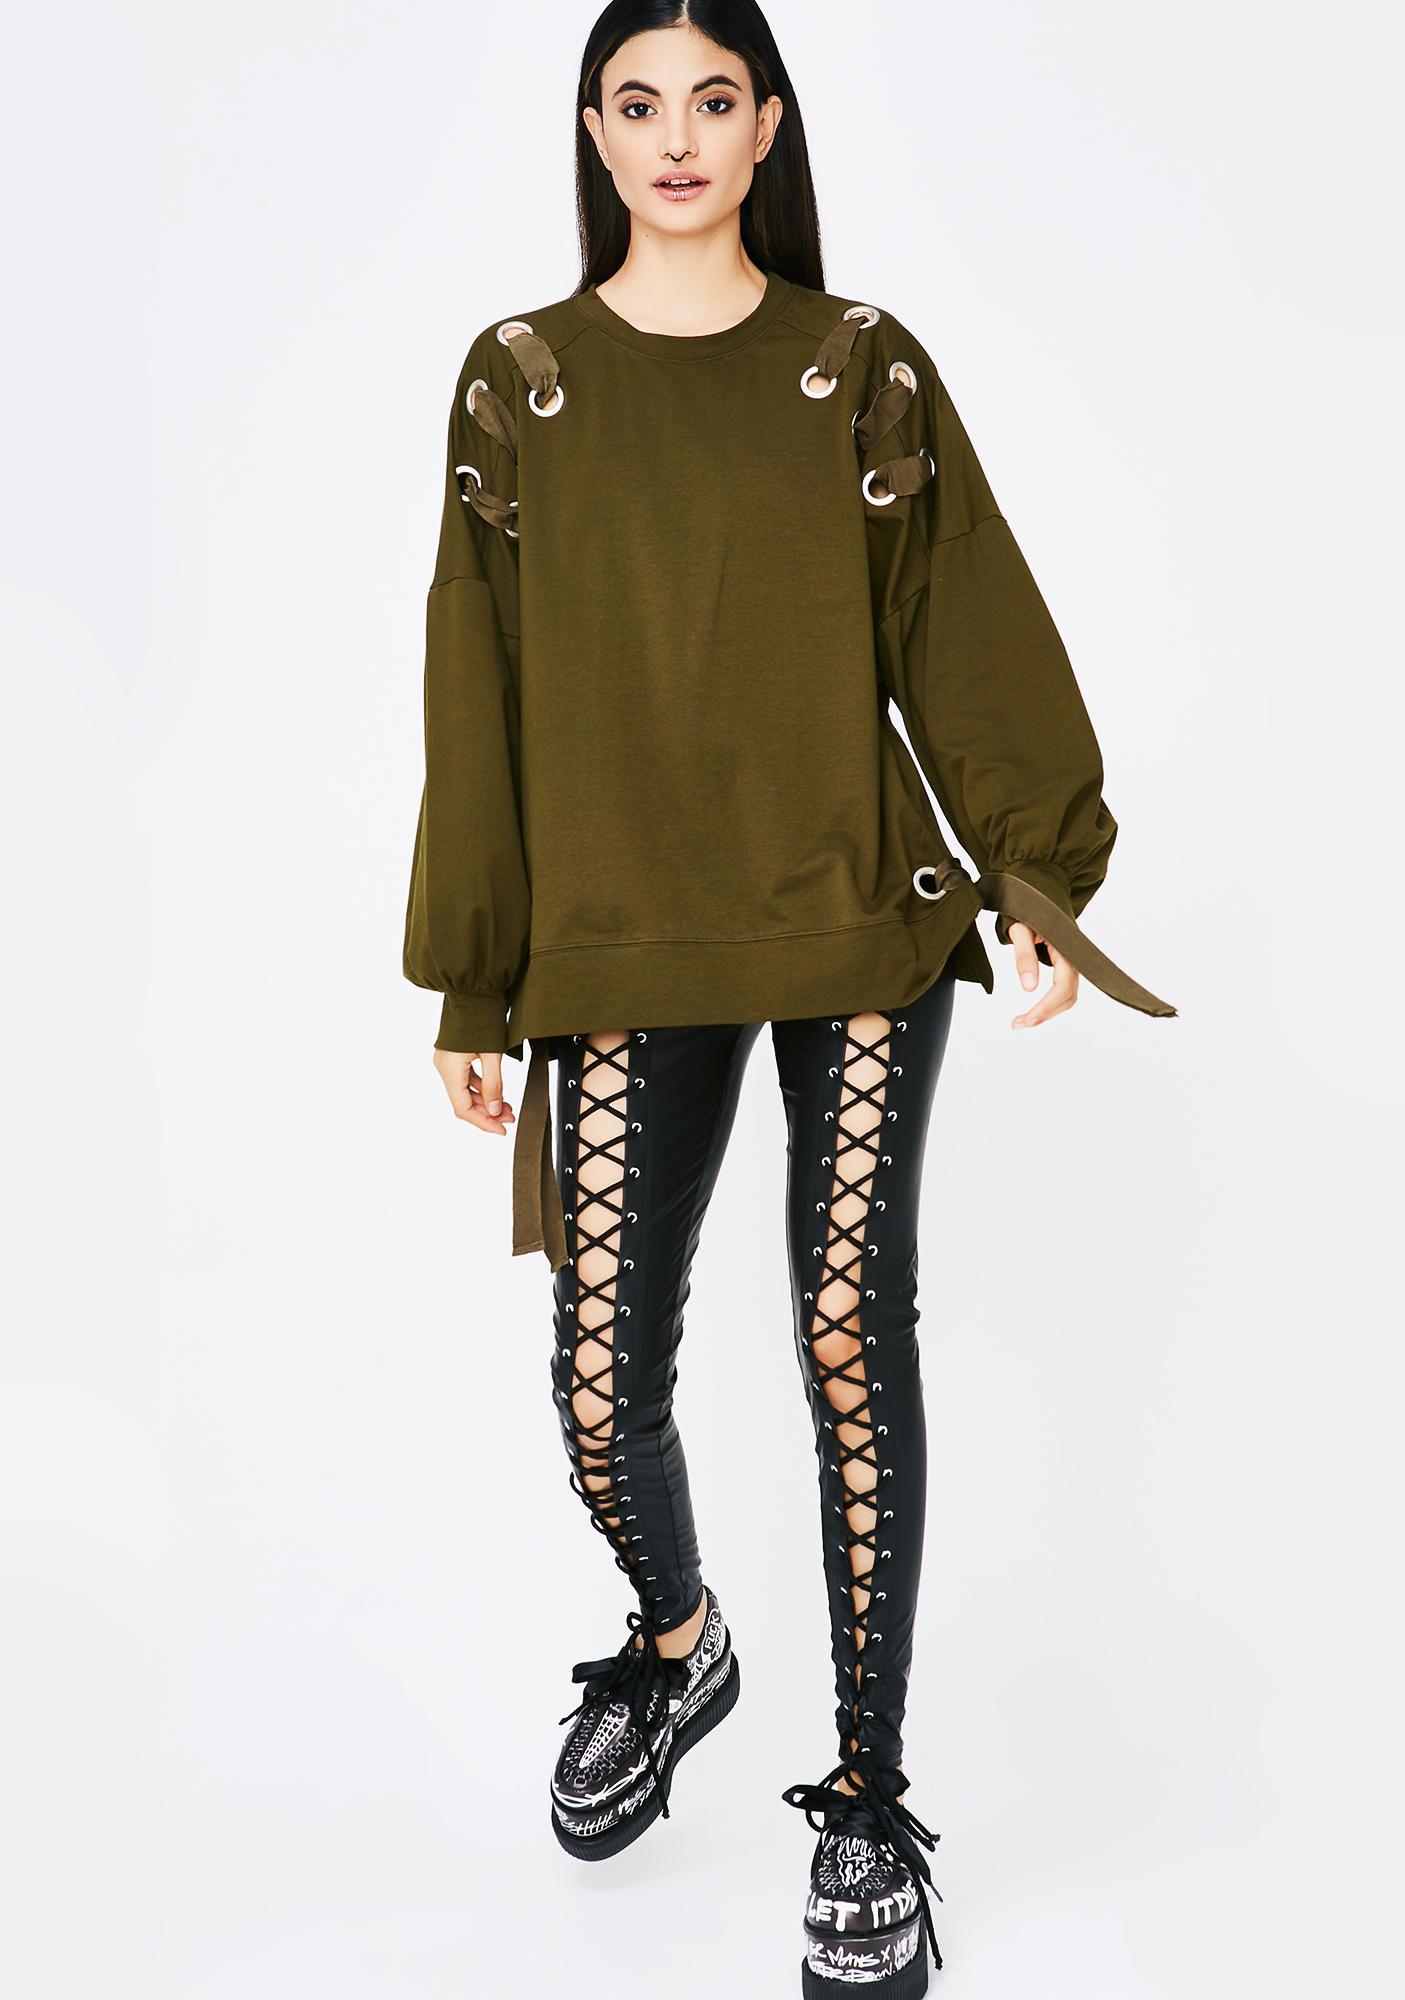 Dirty Money Grommet Sweatshirt